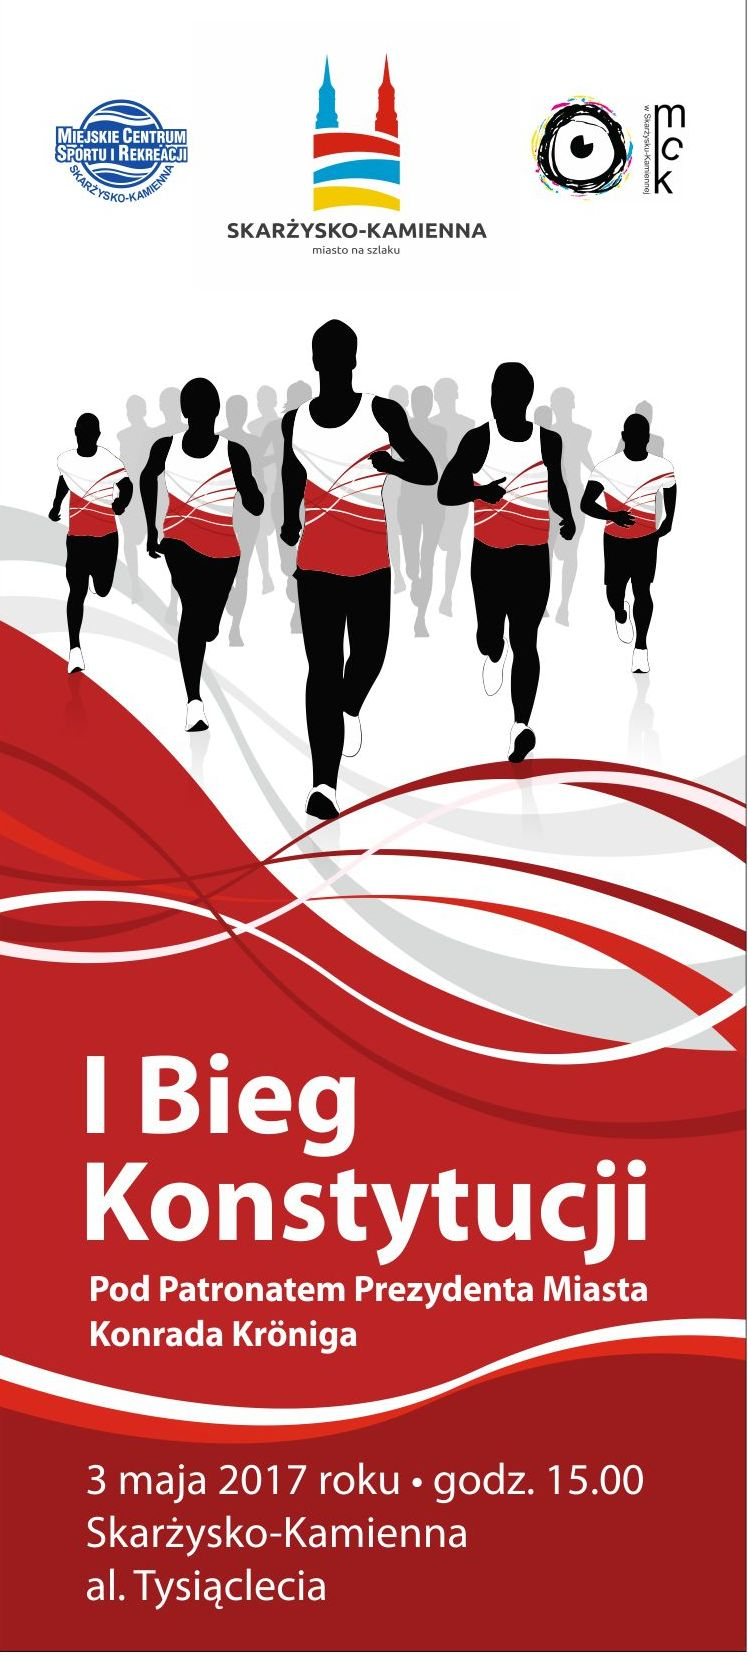 Logo I Bieg Konstytucji w Skarżysku-Kamiennej Pod Patronatem Prezydenta Miasta  Konrada Kröniga - Bieg na 15km przez Skarżysko  Kamienna